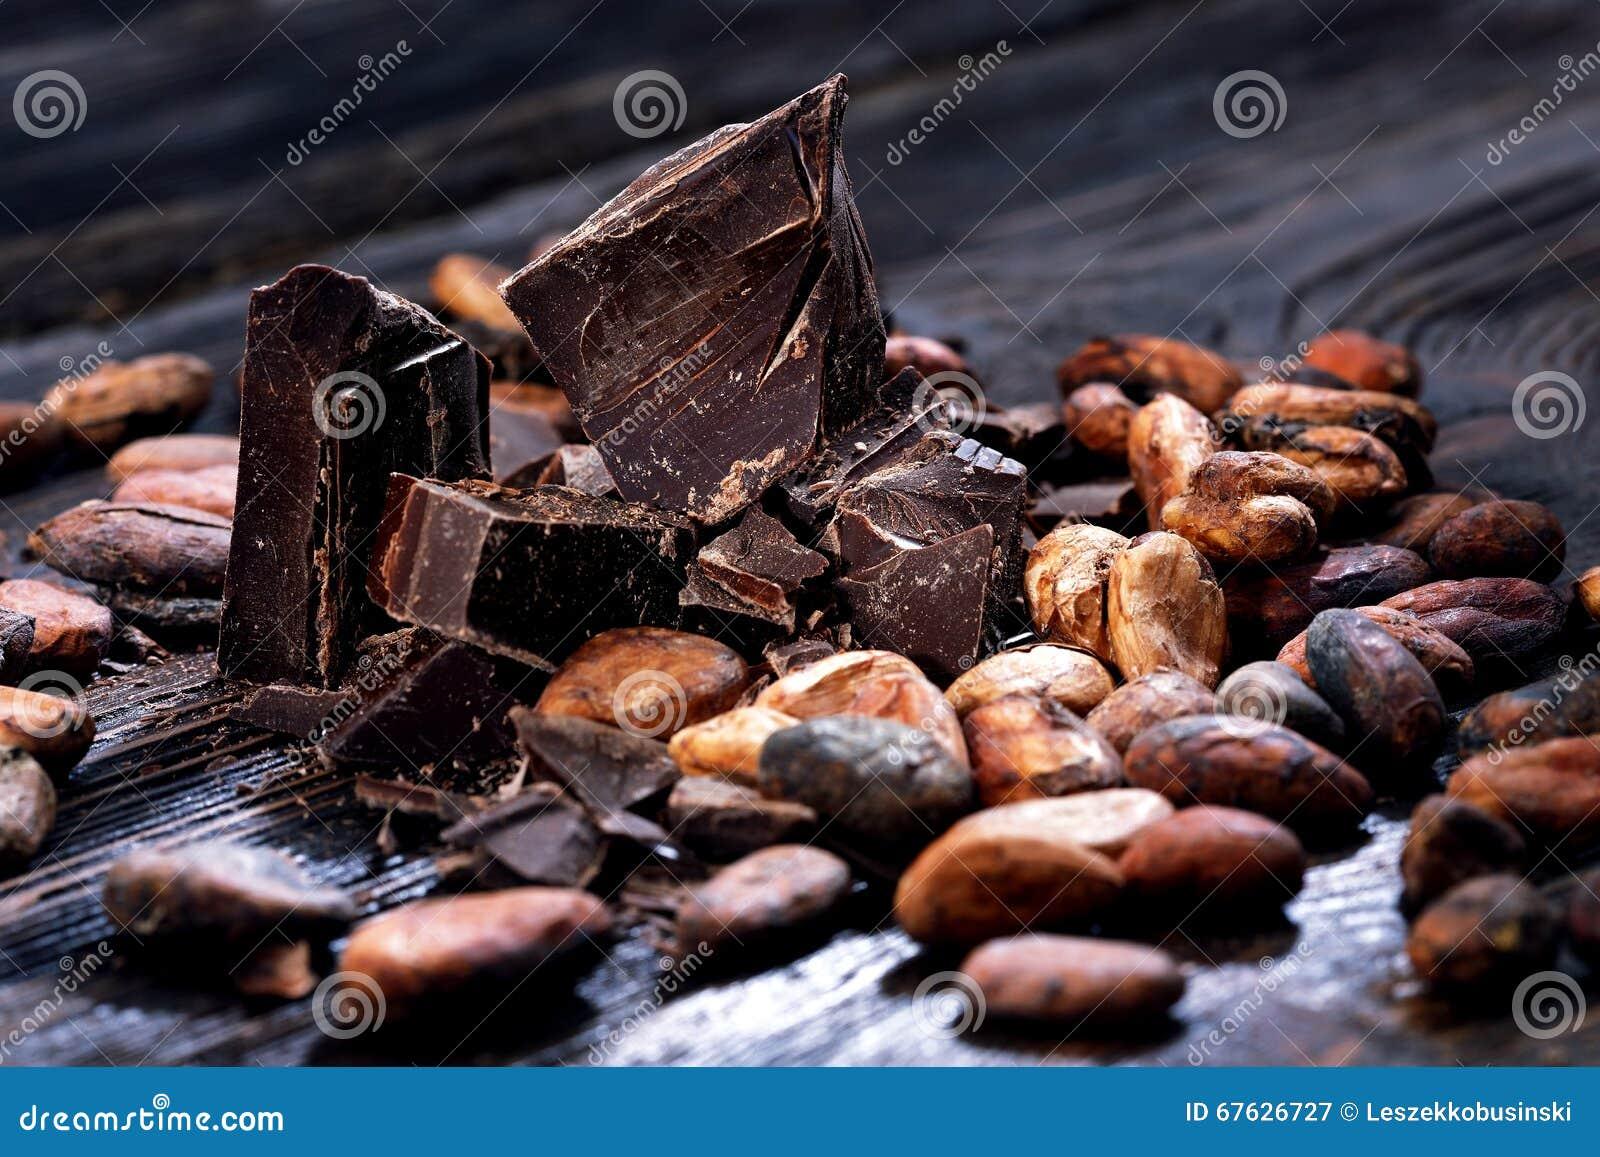 Czekolada kawałki i kakaowe fasole